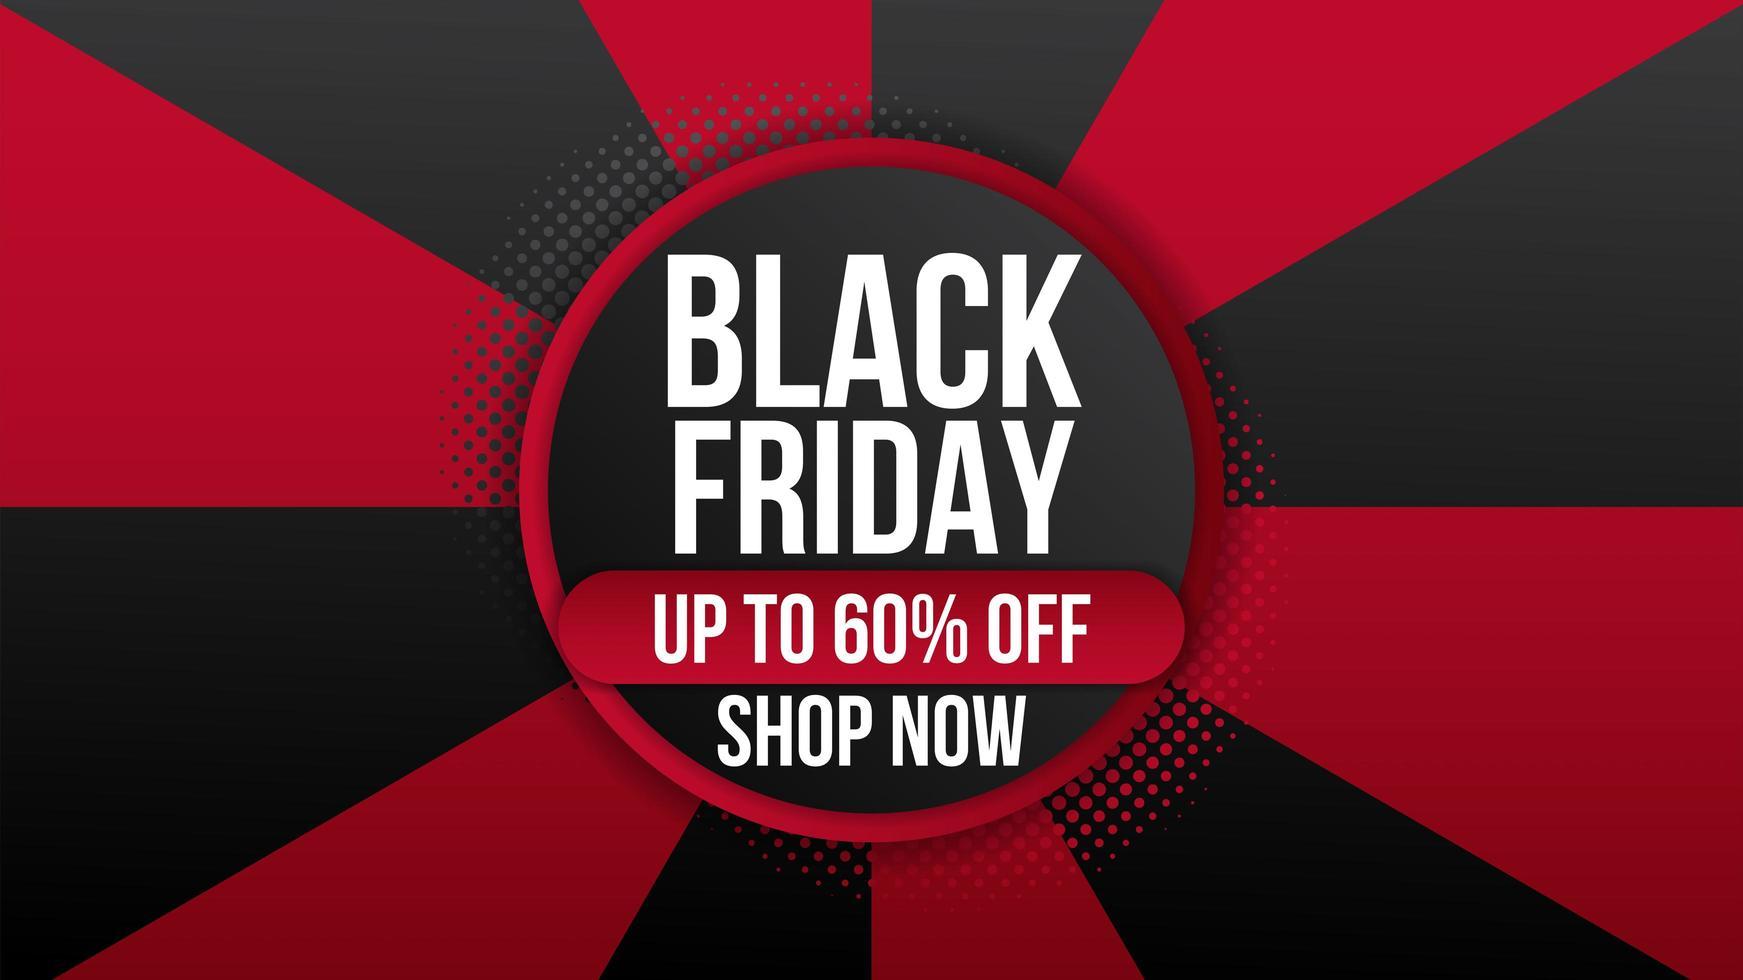 zwarte vrijdag verkoop promo banner flyer vector